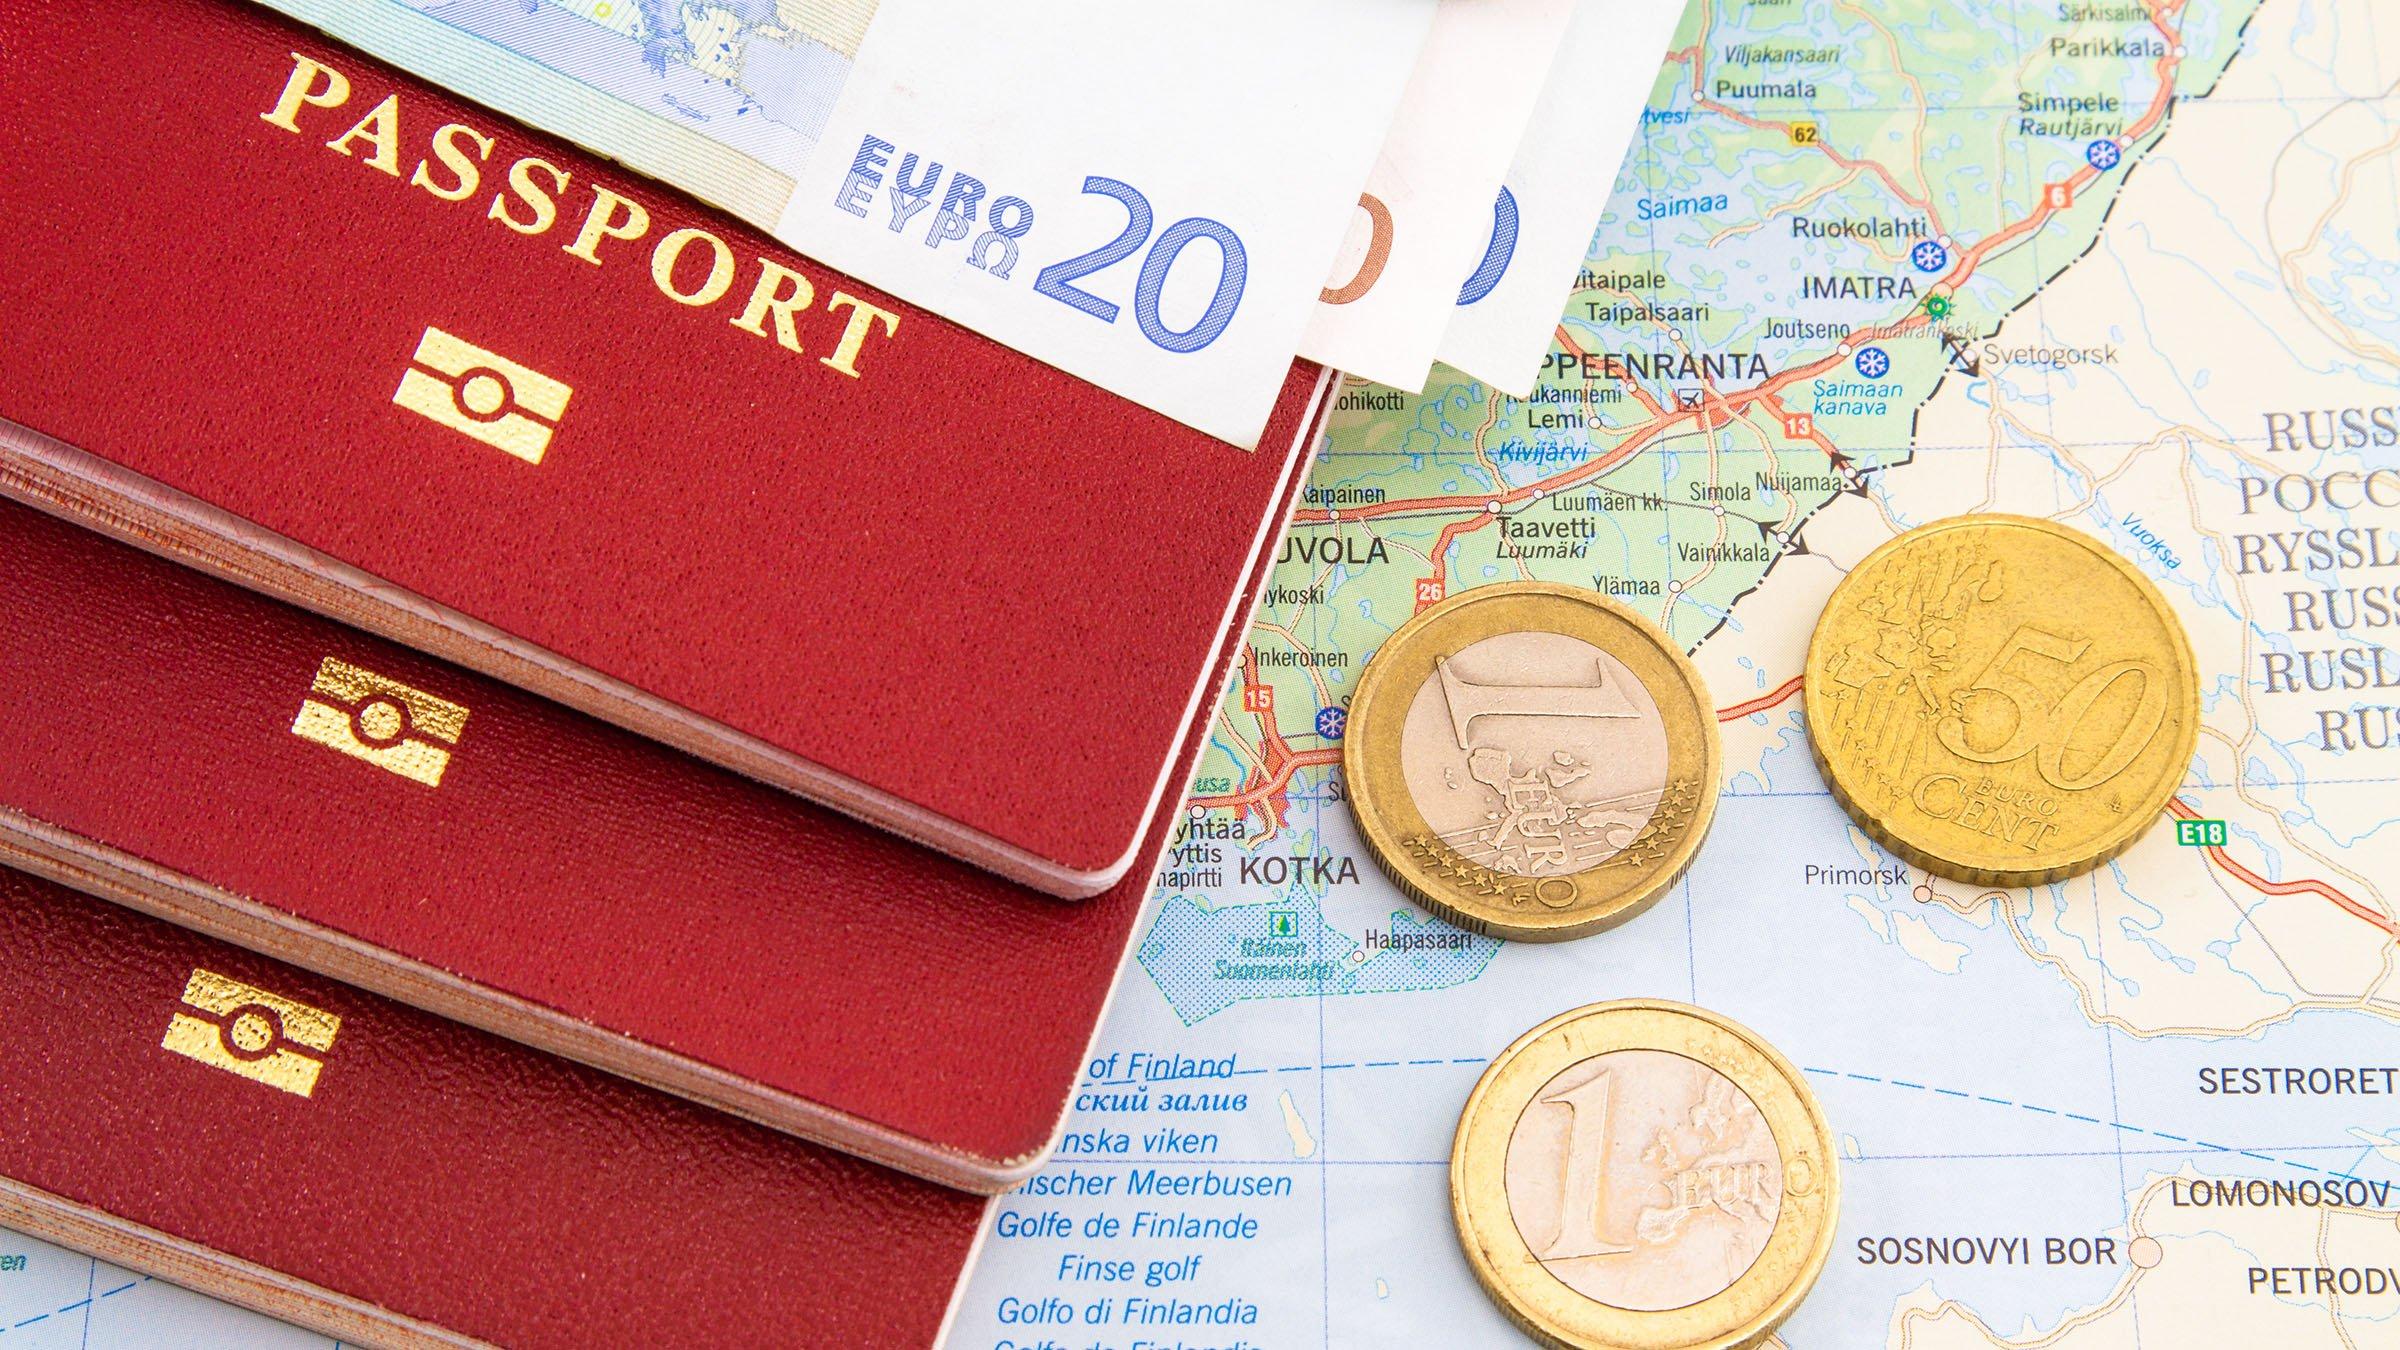 Viajar a espa a con pasaporte europeo - Viaje de novios espana ...